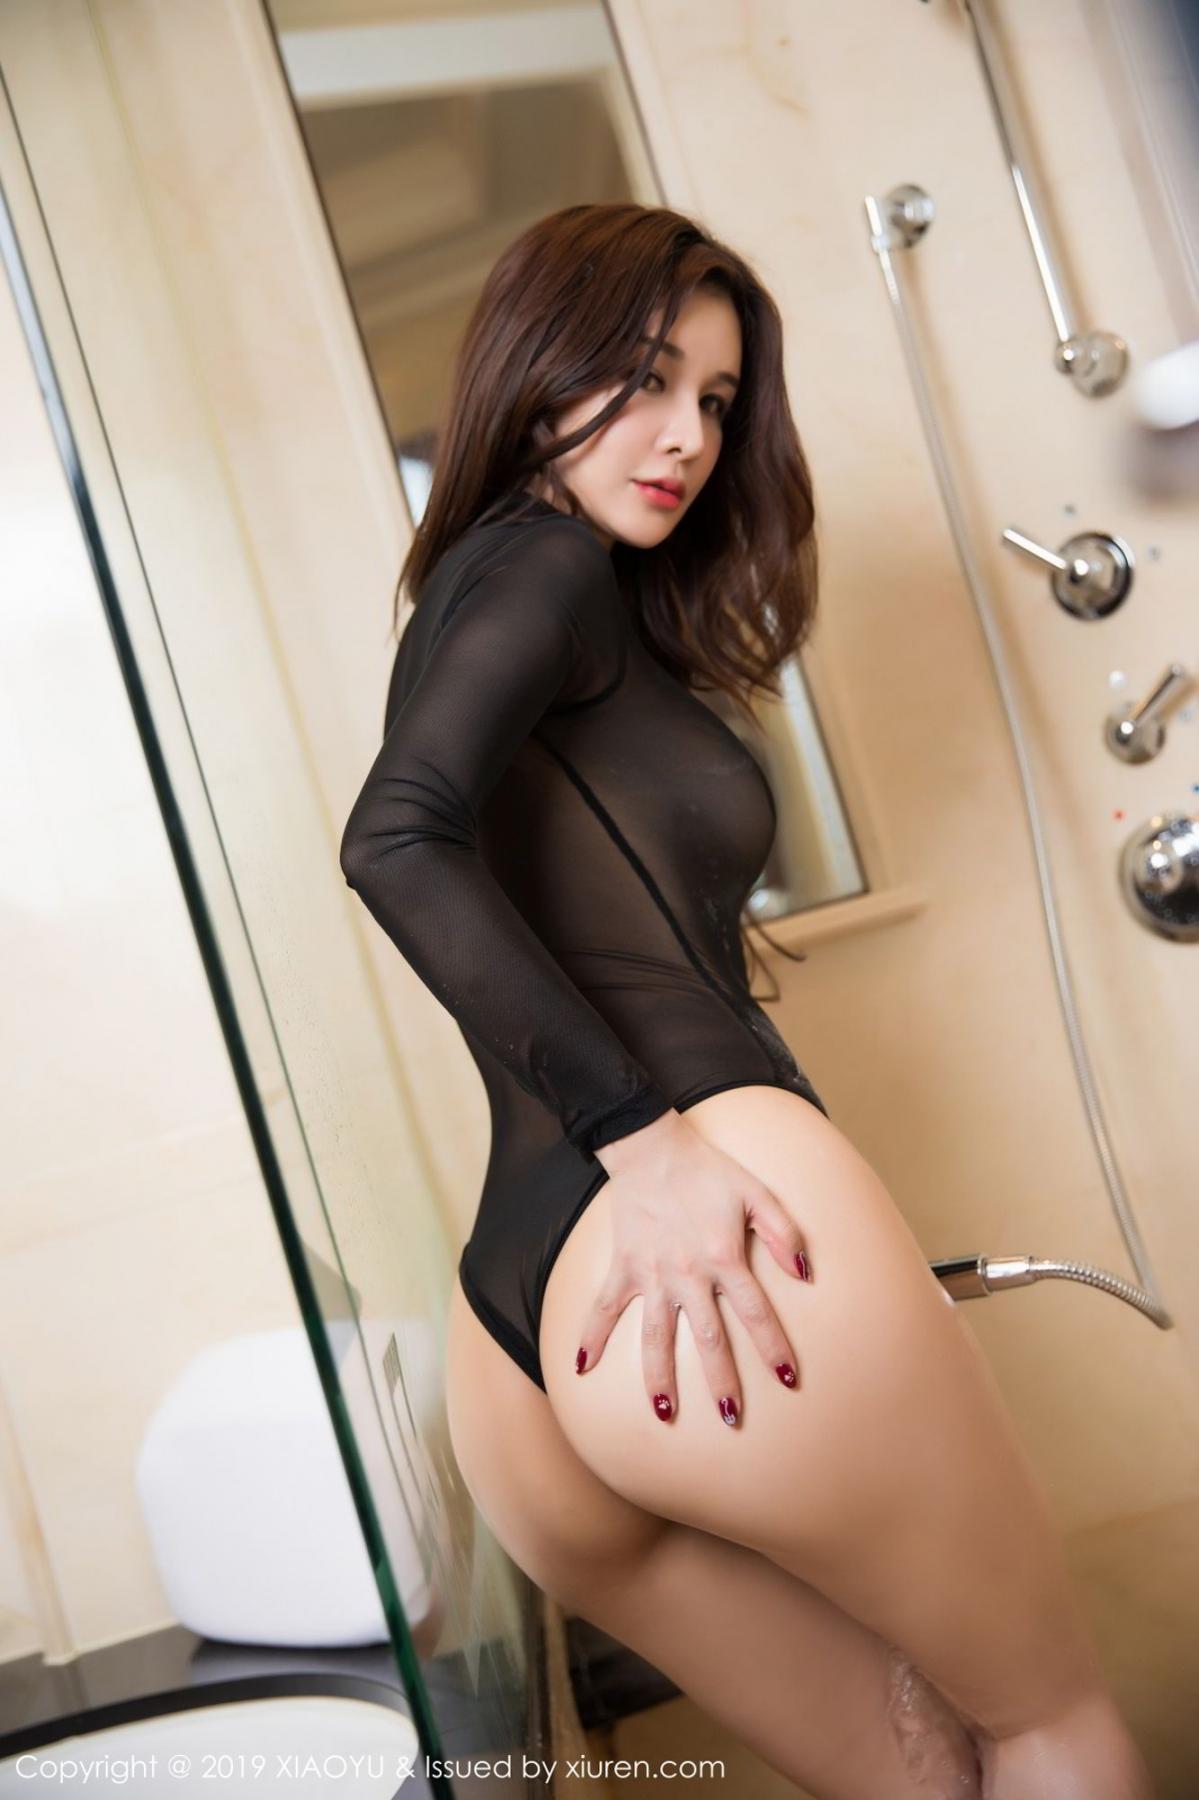 [XiaoYu] Vol.091 Chun Xiao Xi 5P, Bathroom, Chun Xiao Xi, Wet, XiaoYu